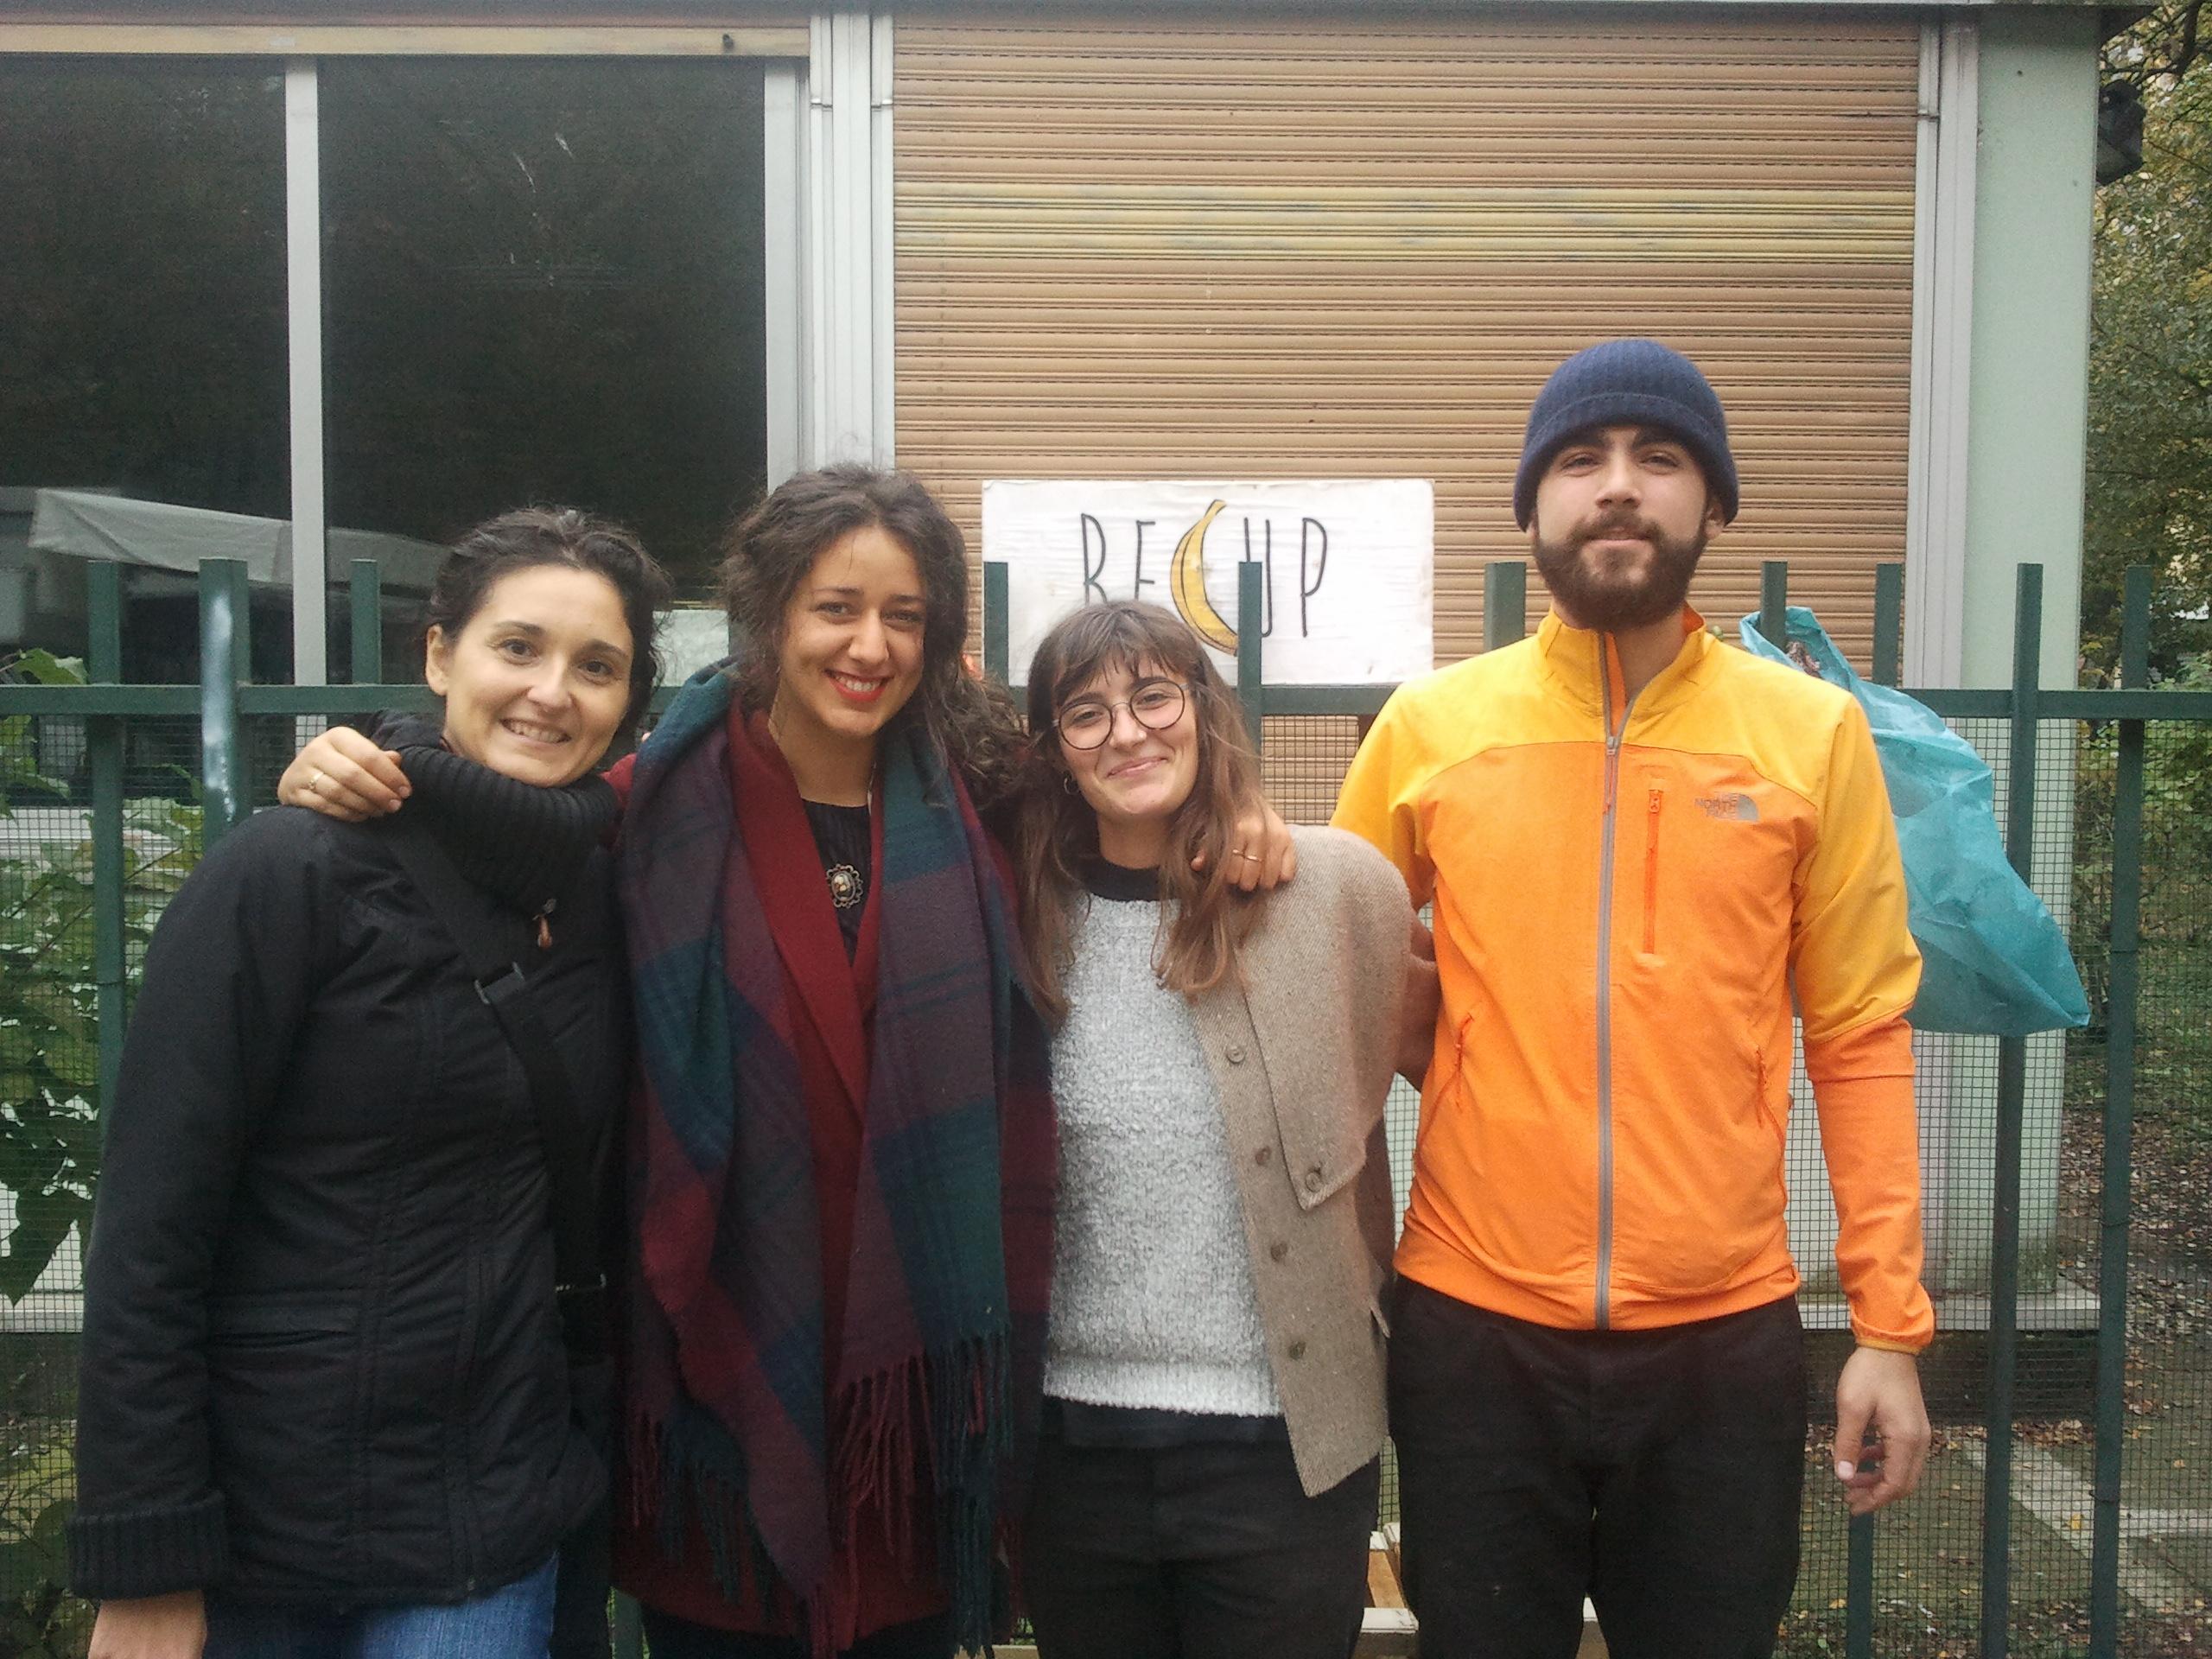 Da sinistra a destra i volontari di Recup: Beatrice, Ilaria, Federica e Alberto